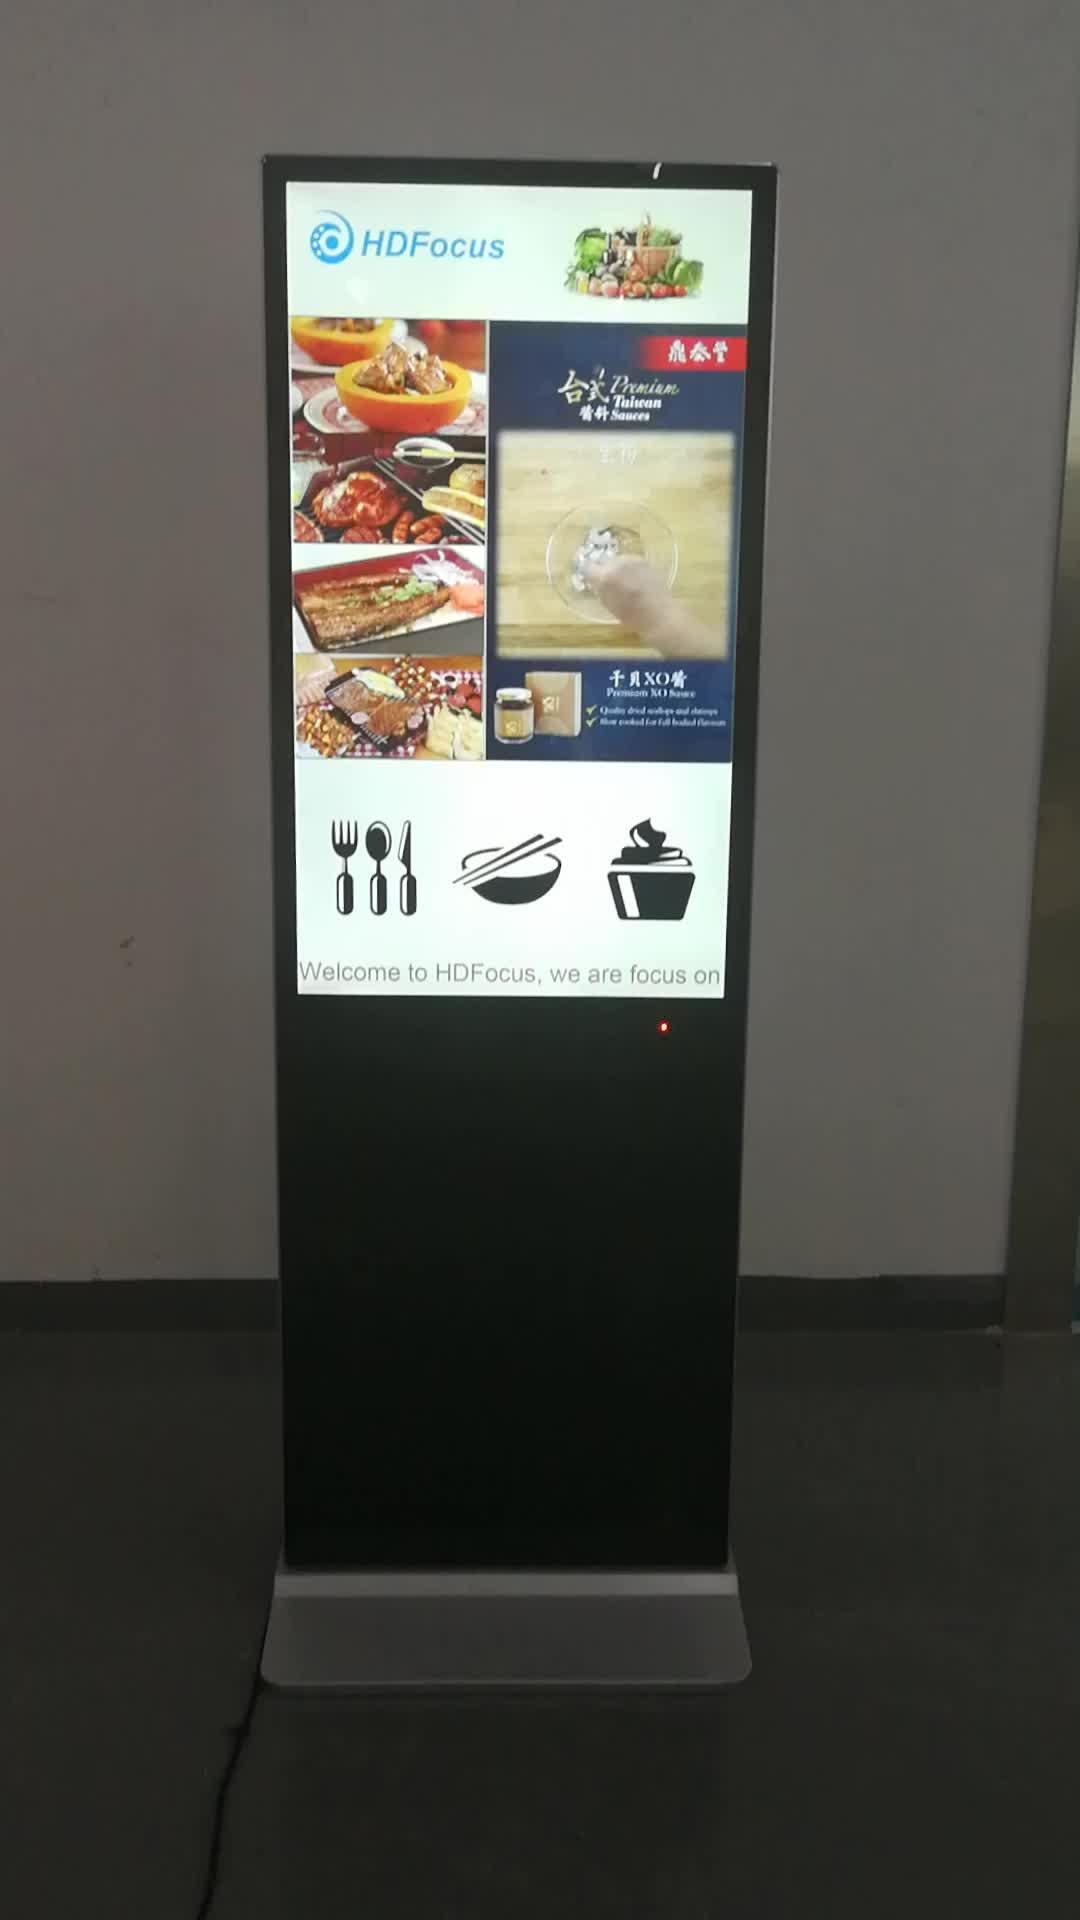 55 Inch एलसीडी विज्ञापन प्लेयर, विज्ञापन प्रदर्शन, सुपर स्लिम डिजिटल विज्ञापन मशीन